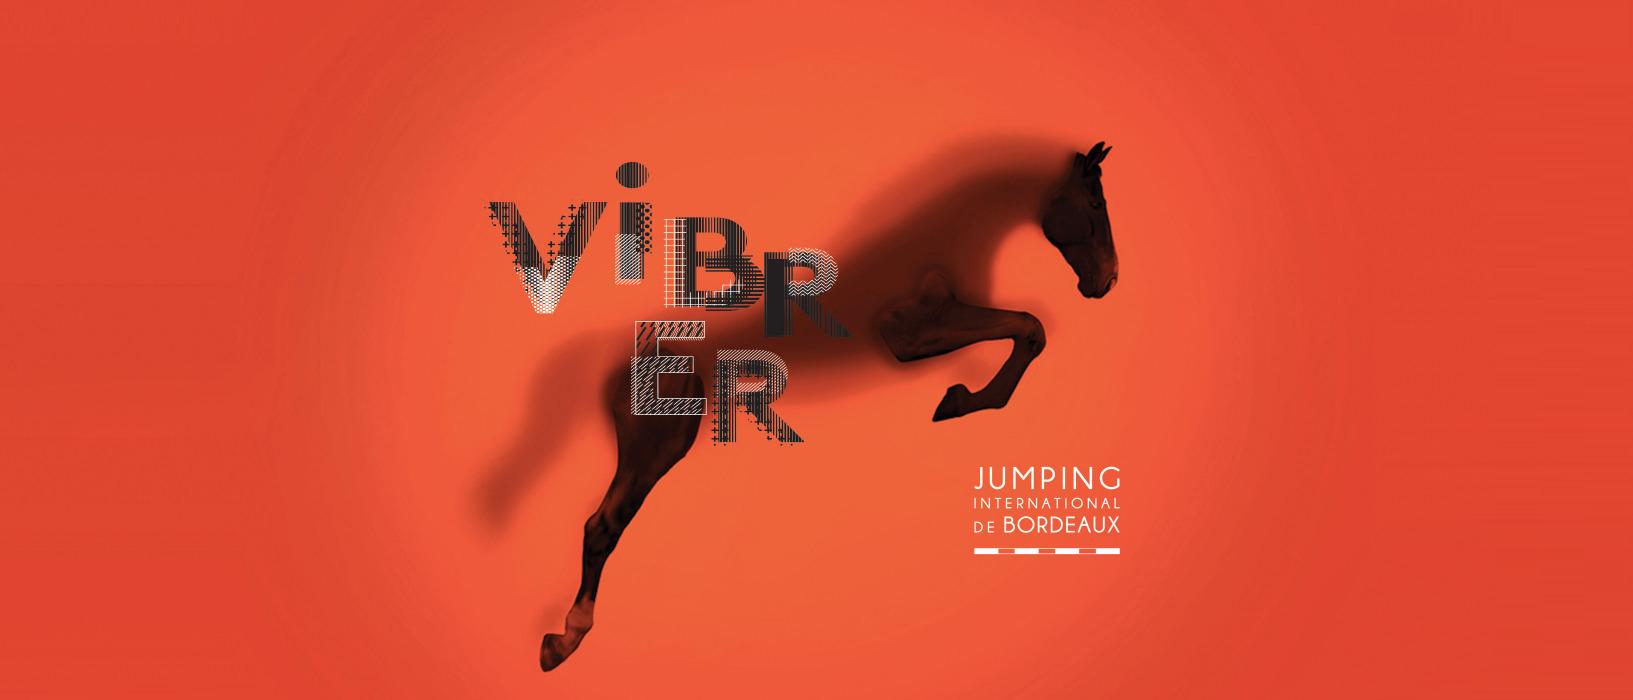 visuel-jumping.jpg